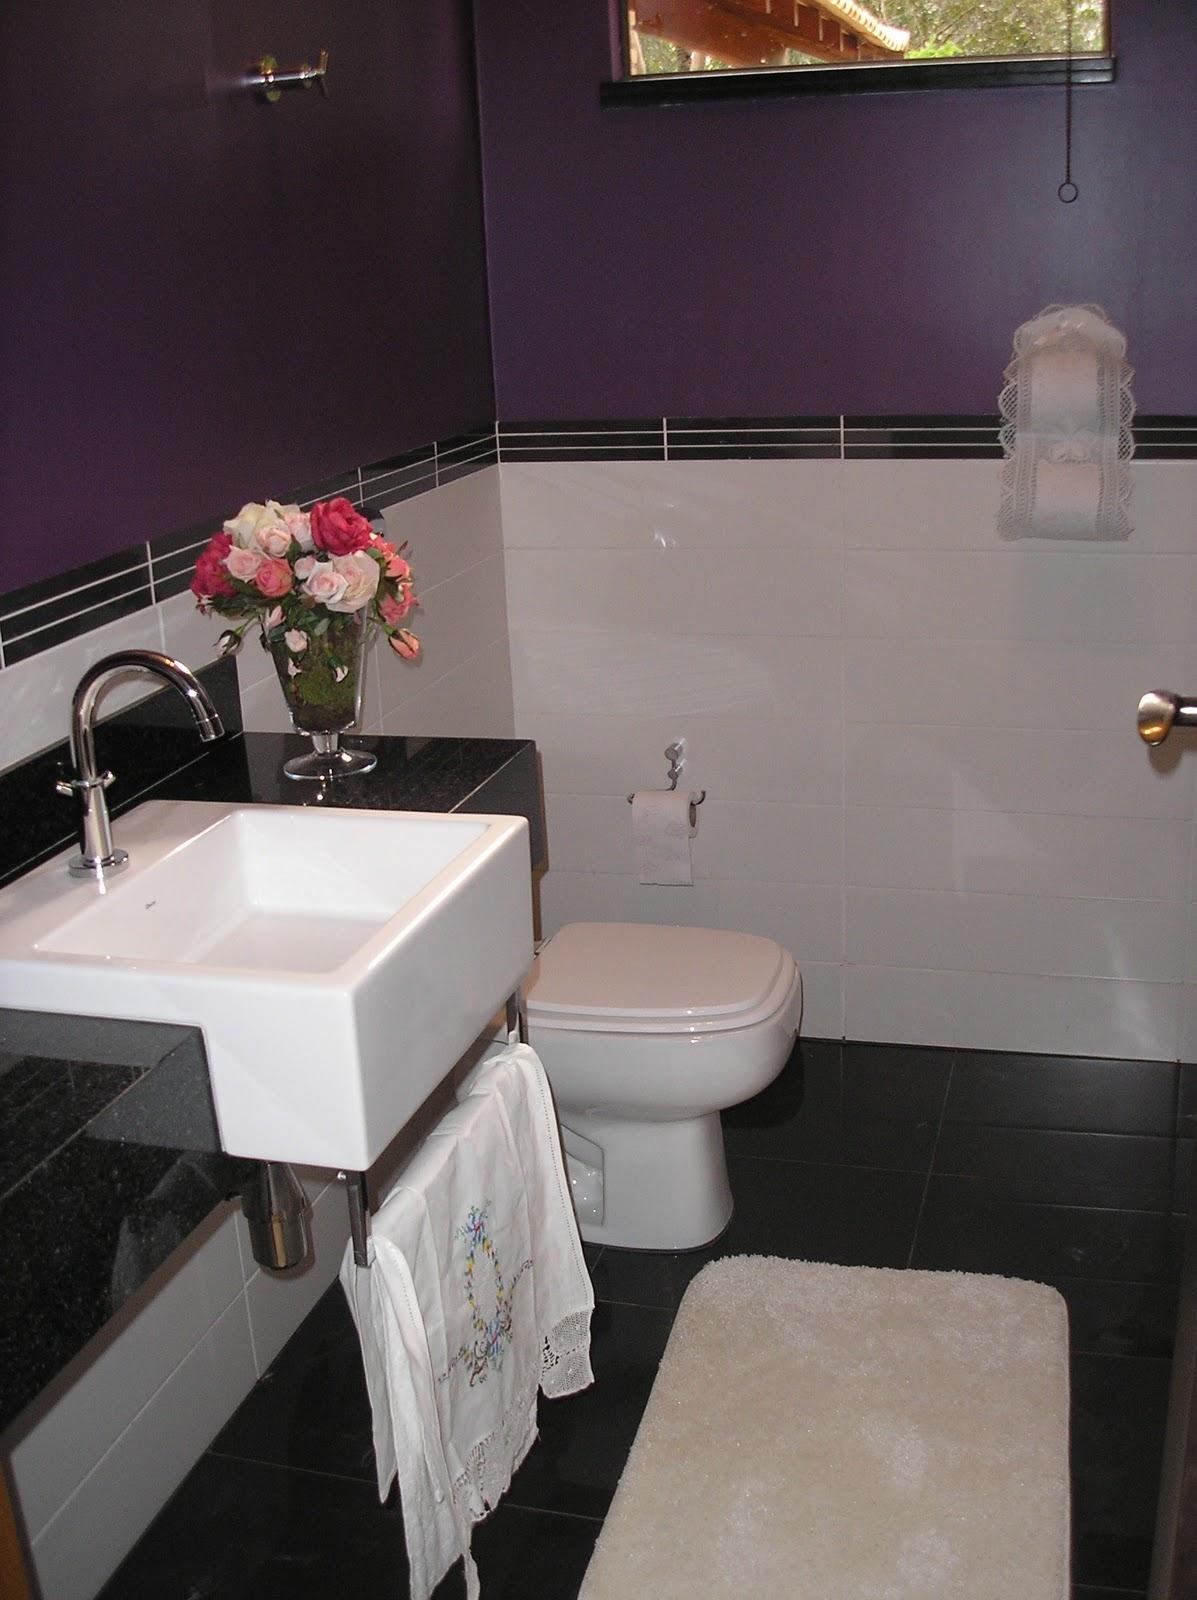 Cuba Para Banheiro De Vidro Quadrada  gotoworldfrcom decoração de banheiro  -> Cuba De Vidro Para Banheiro Mercadolivre